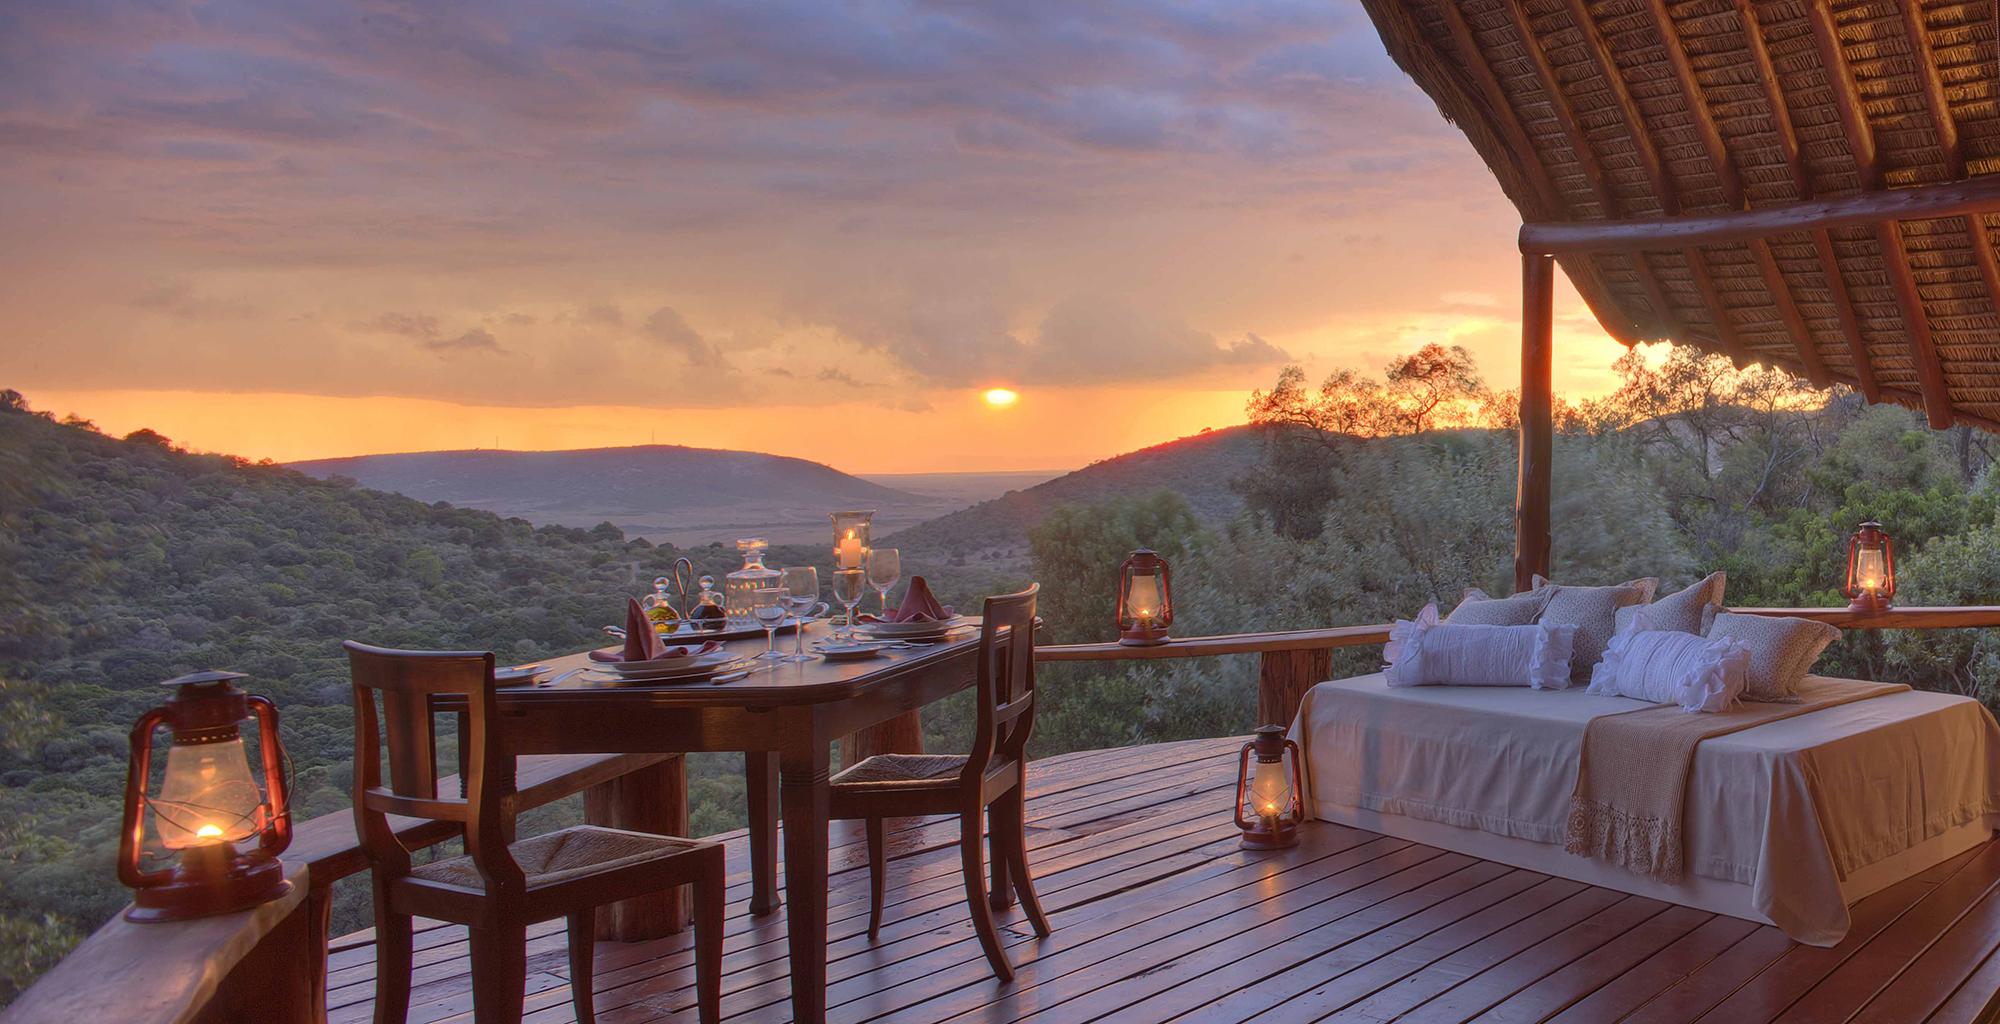 Kenya-Saruni-Mara-Private-Deck